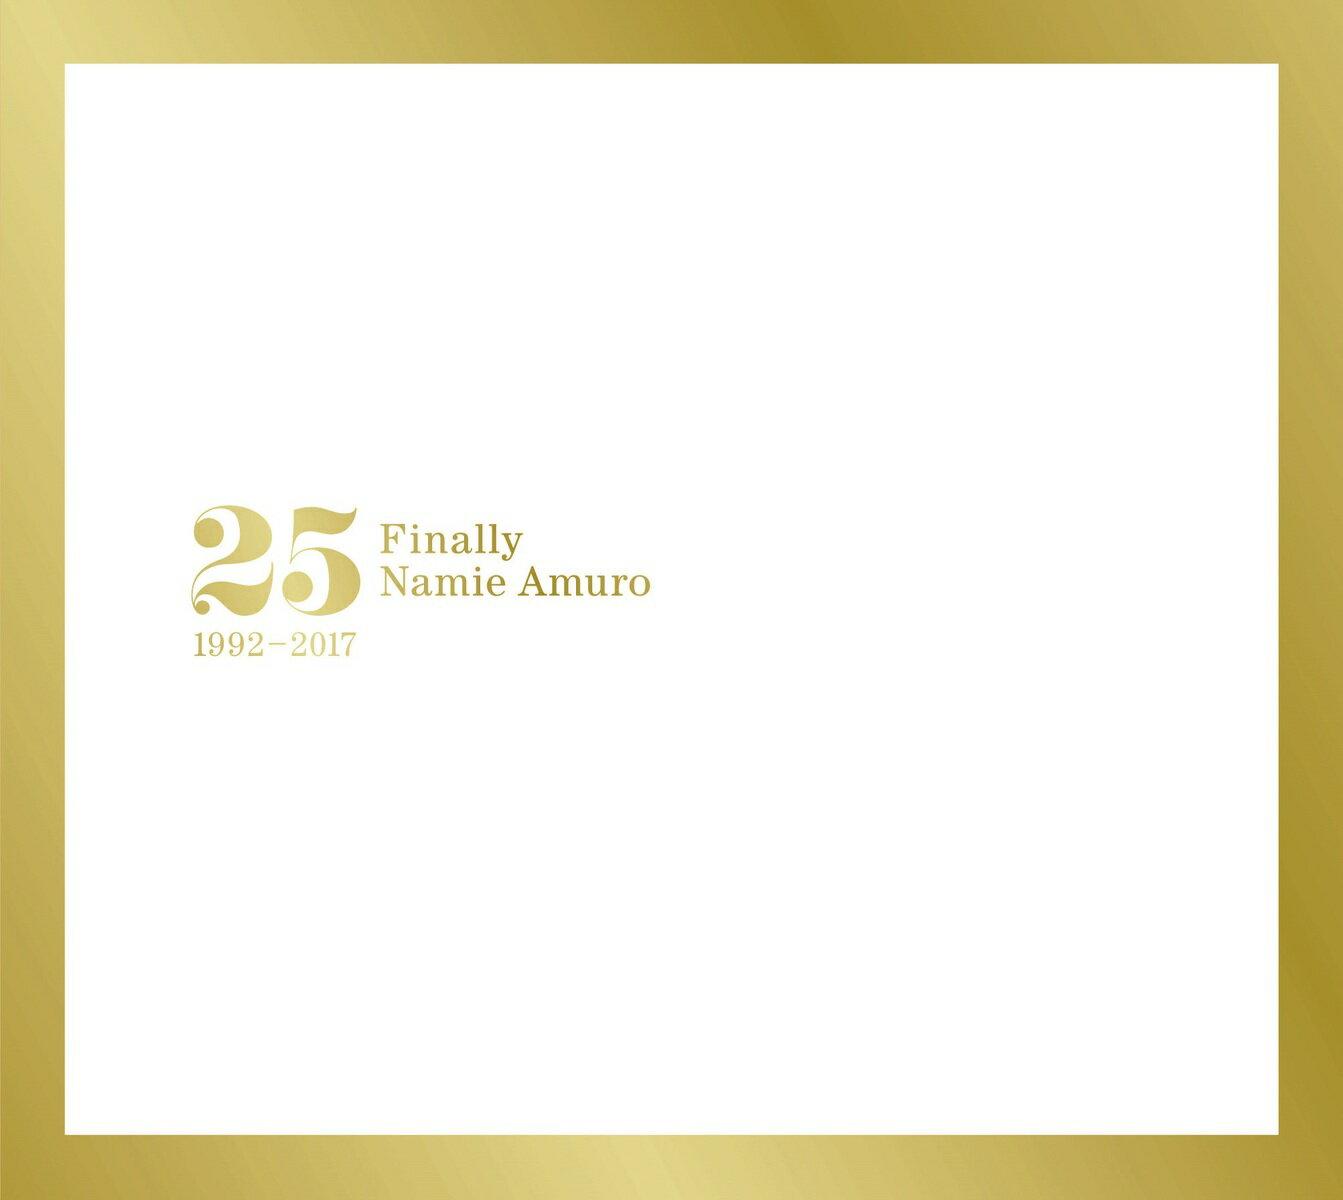 安室奈美恵 / Finally[CD][3枚組]【2017/11/8発売】初回盤BOXスリーブ仕様